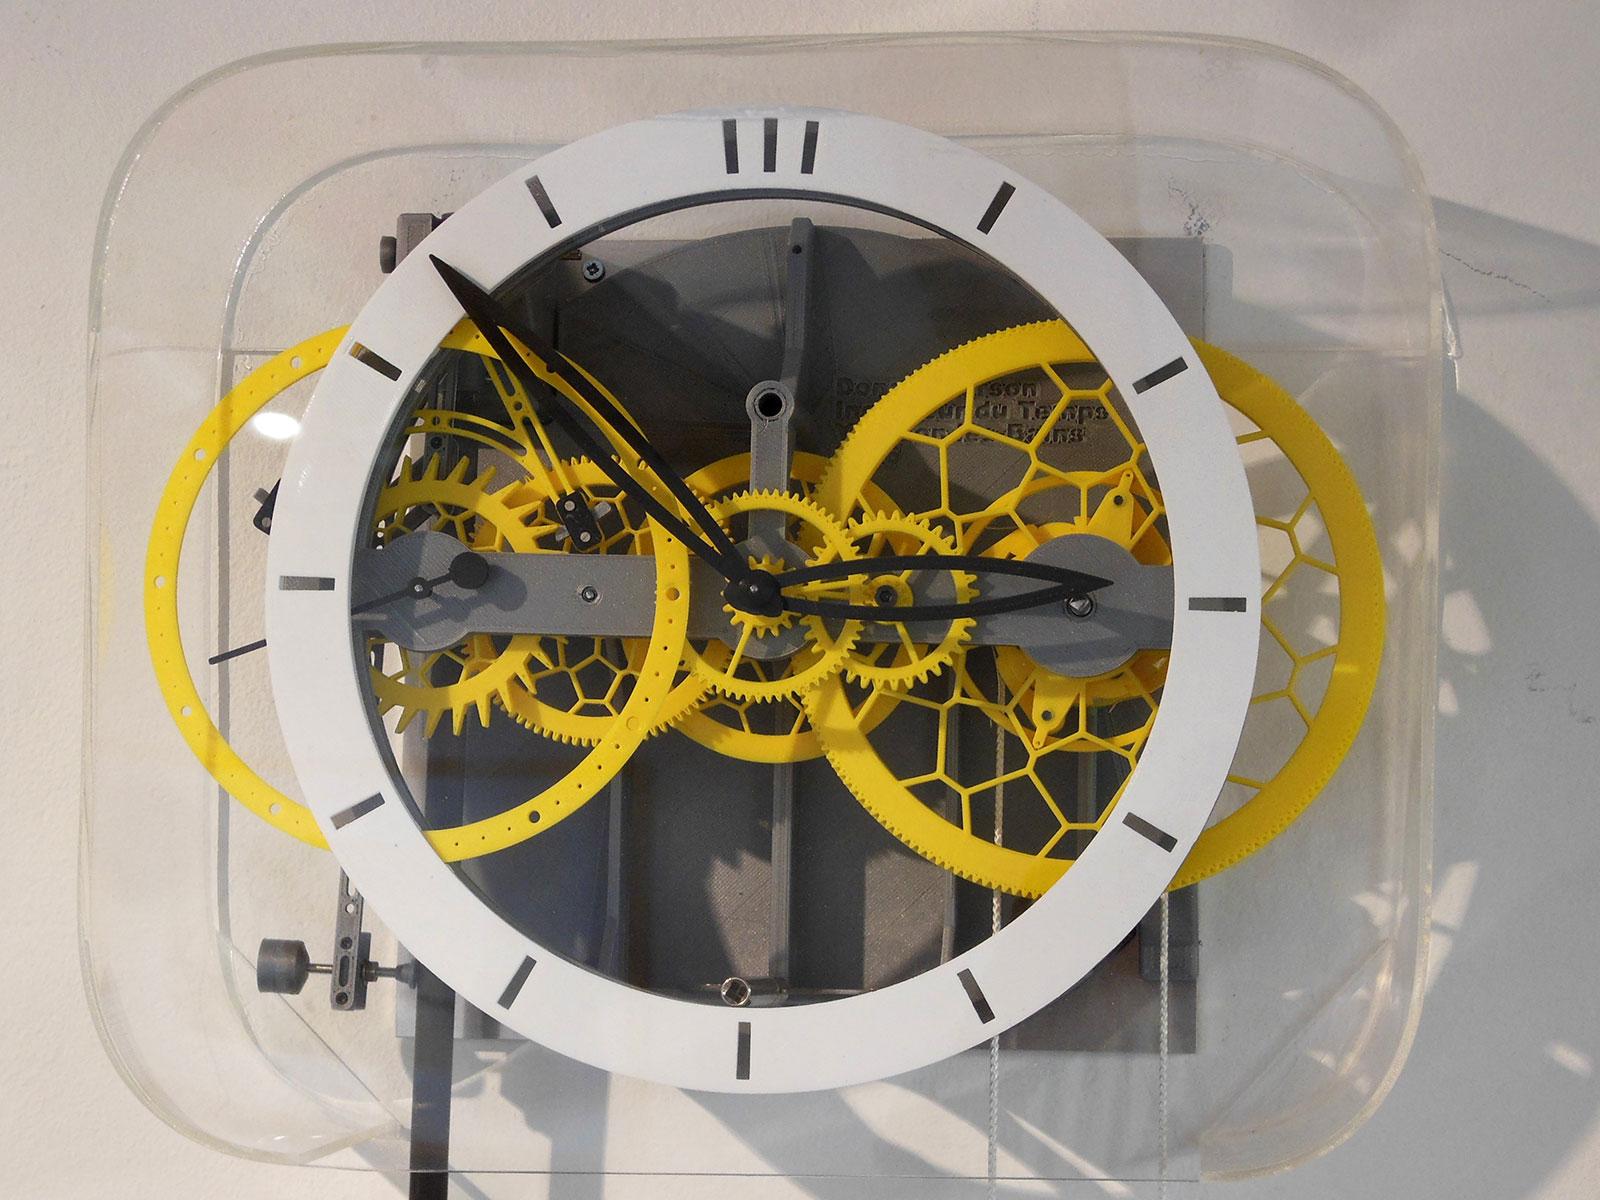 Ingénieur du Temps 3D printed pendulum clock 7